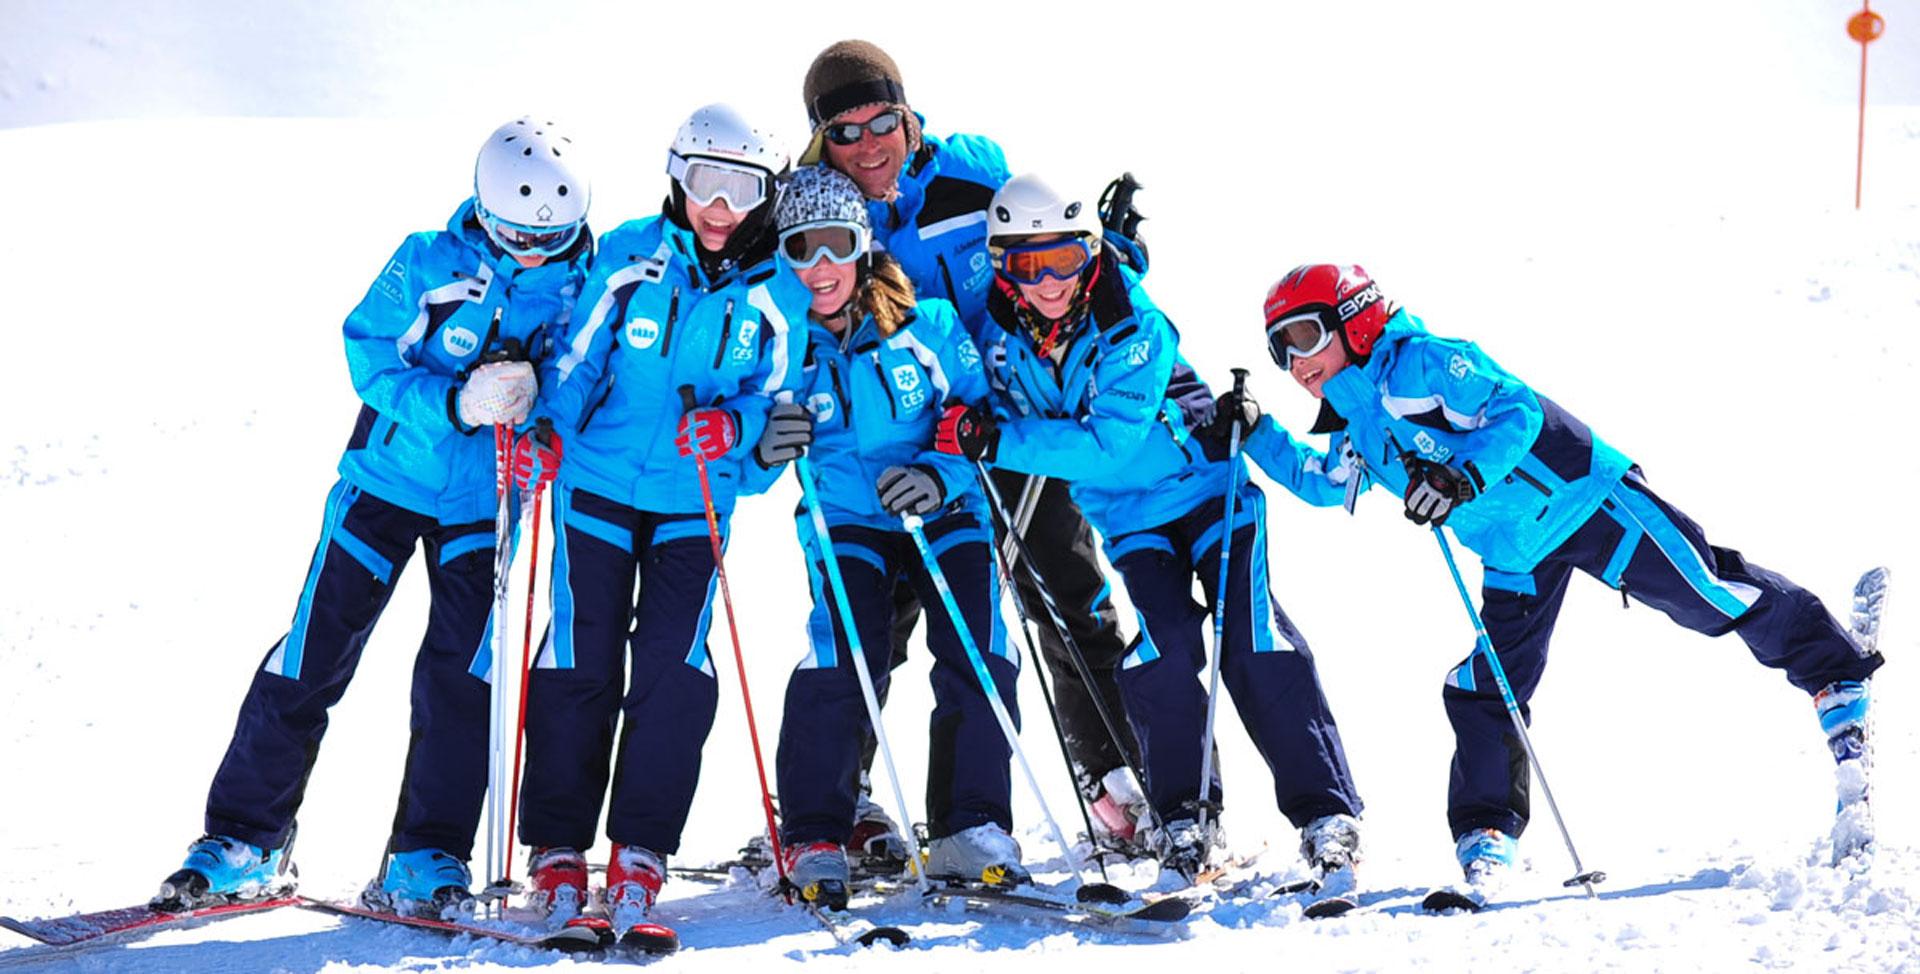 """92565302a9 ... la comunicación no verbal ,, Todas estas habilidades, son nuevas  herramientas de las que el equipo de monitores de la """"Escola d'esquí  BoiTaüll"""", ..."""